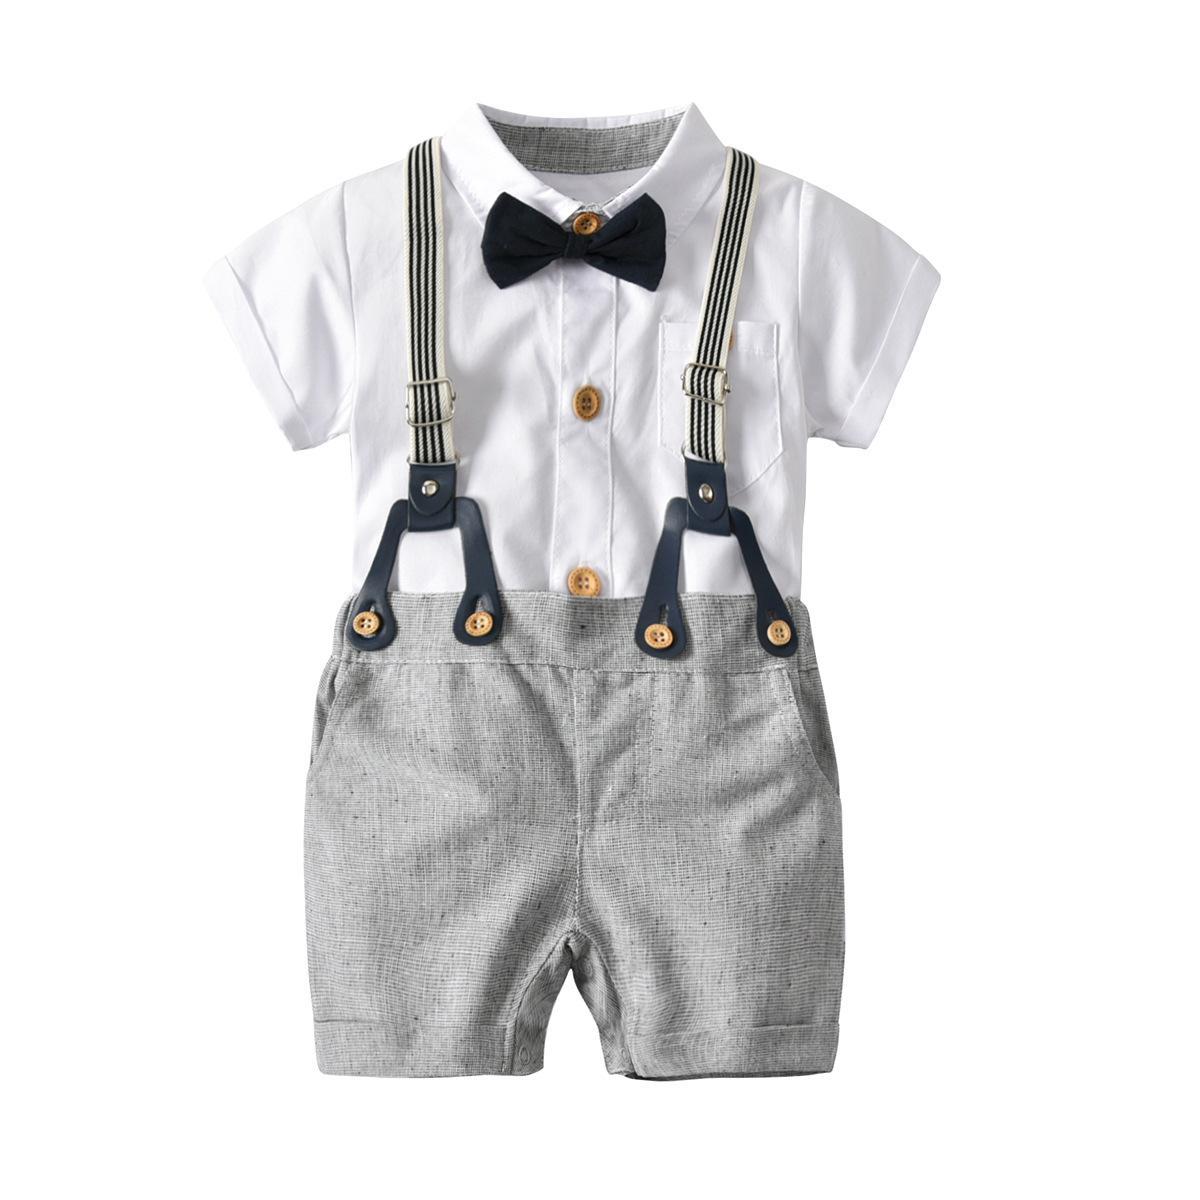 Compre Baby Boy Gentleman Conjuntos De Ropa Mameluco Blanco + Cuello Alto De  Alta Calidad Con Corbata De Lazo Romper Sets Niños 100% Algodón A  9.51 Del  ... 6aa3d6a177a